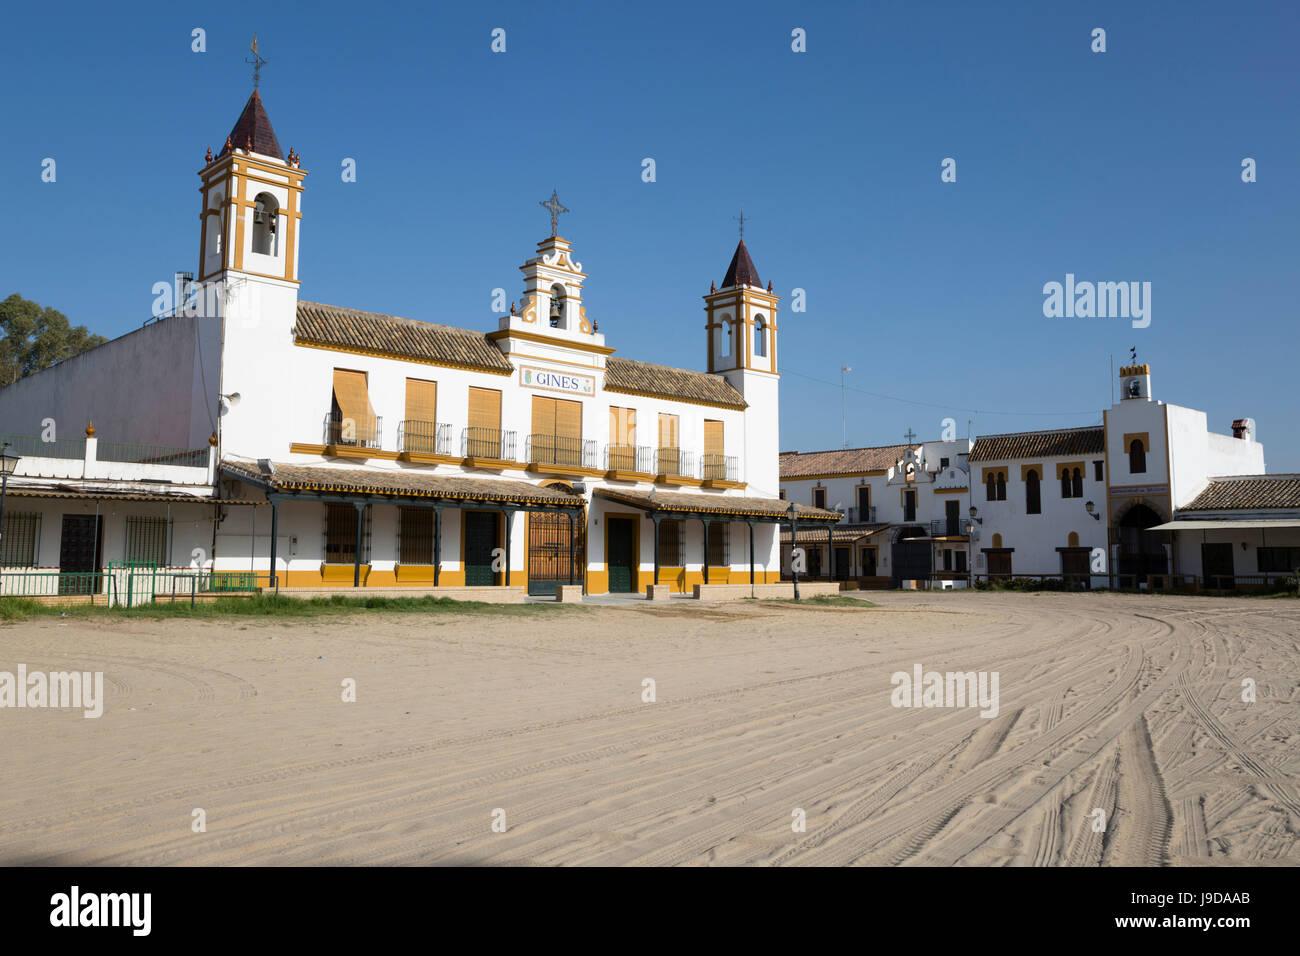 Le strade di sabbia e di fraternità case, El Rocio, provincia di Huelva, Andalusia, Spagna, Europa Foto Stock